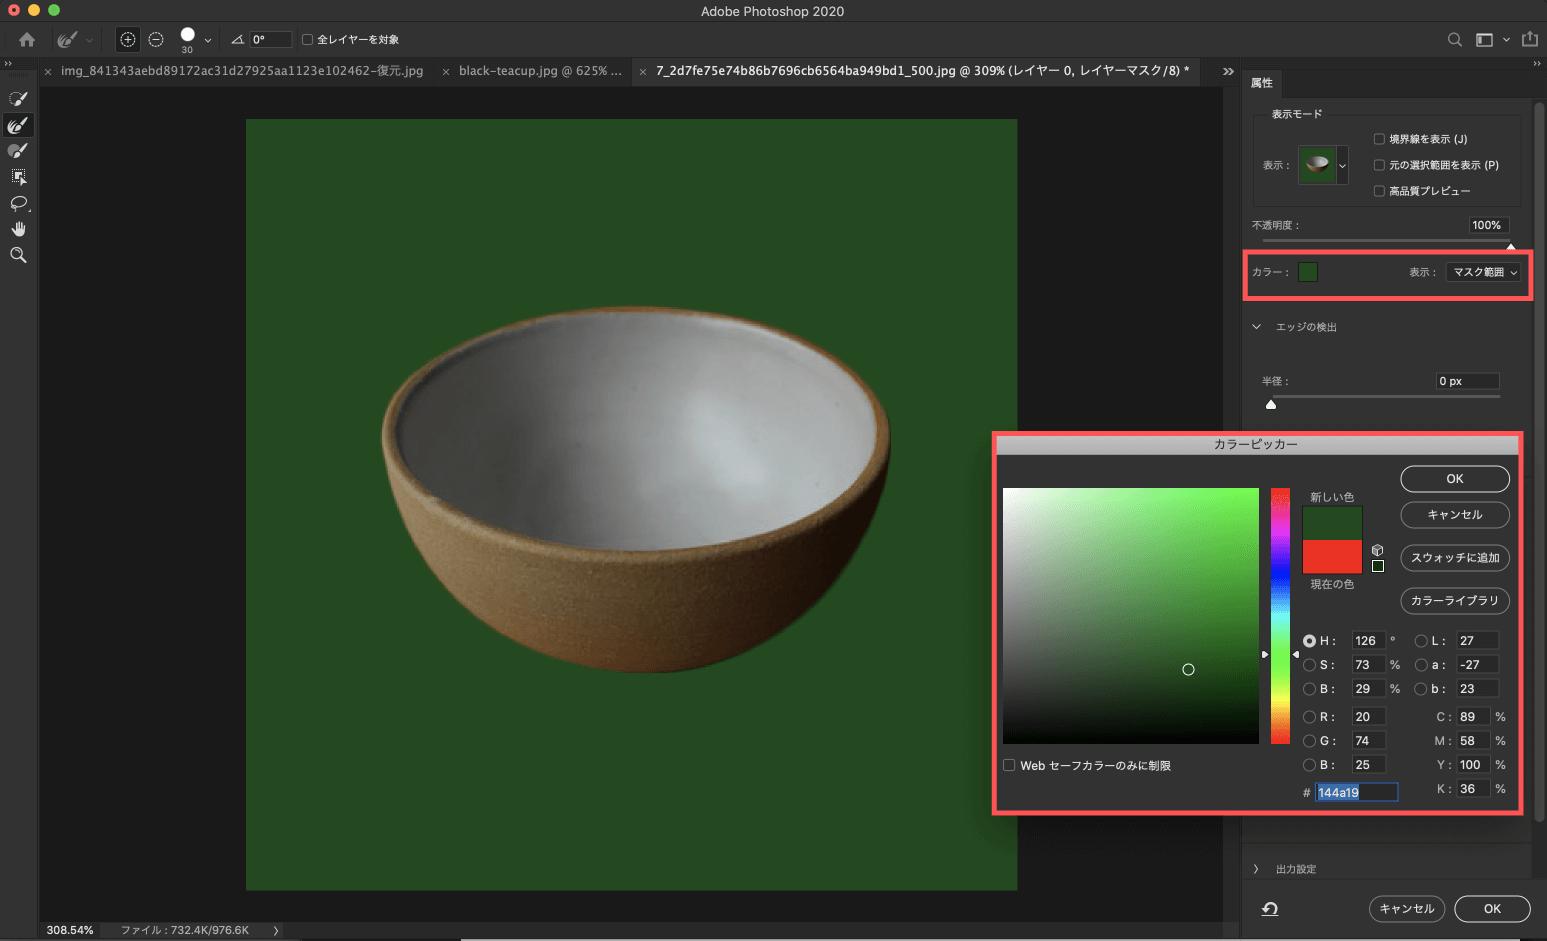 Adobe CC Photoshop フォトショップ 切り抜き 髪の毛 簡単 切り抜き 自動選択ツール 選択とマスクのカラーピッカー